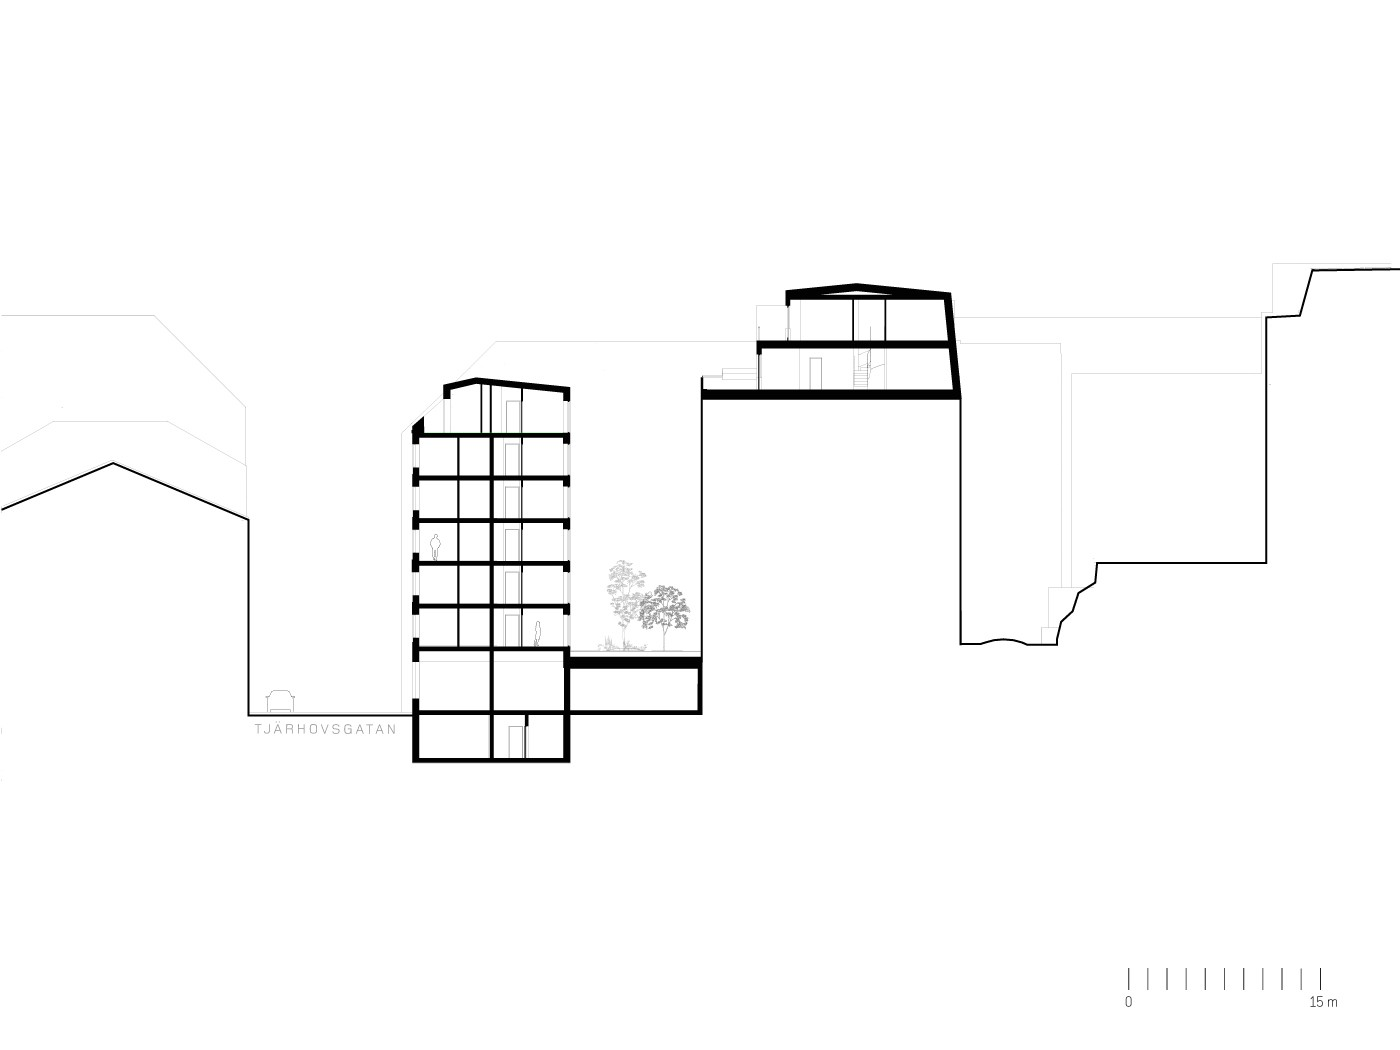 a-ripellino_Hantverkshuset_sektion